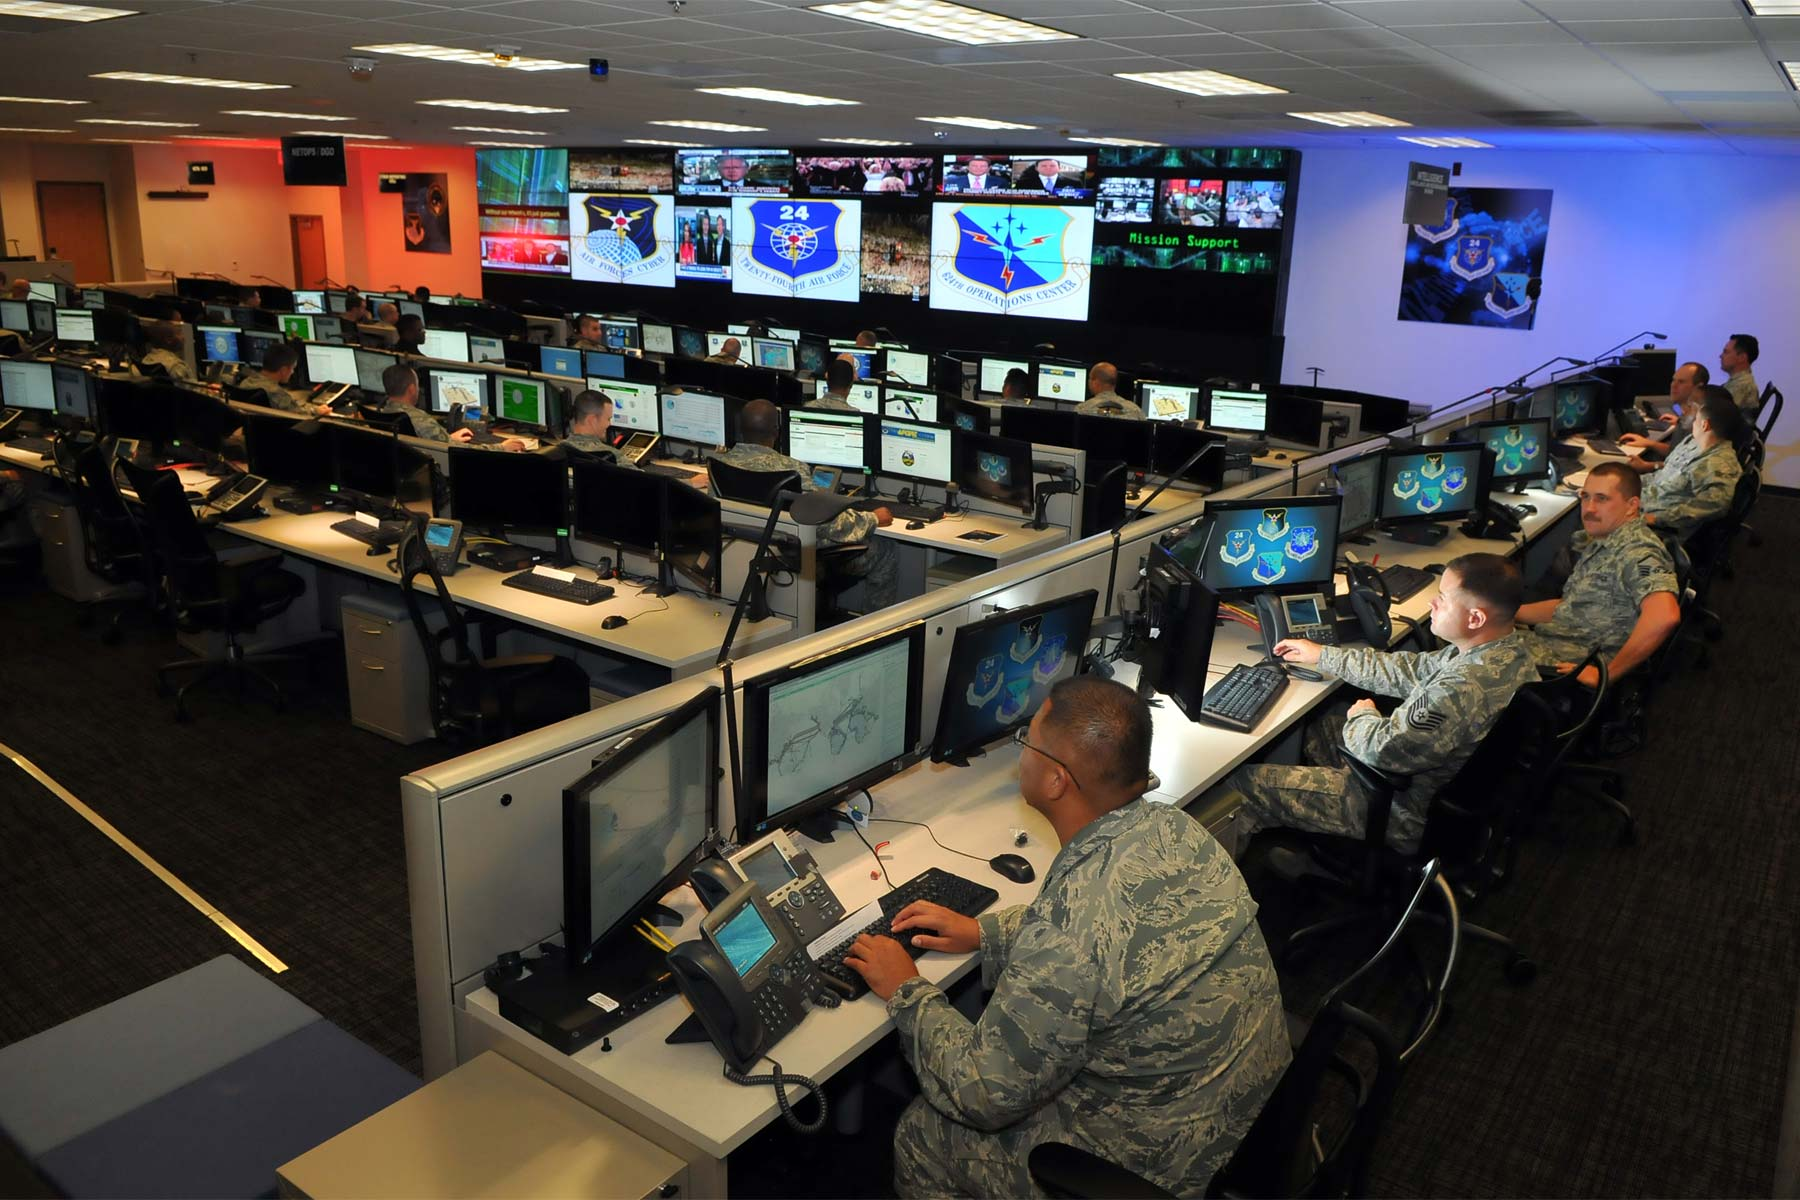 """Résultat de recherche d'images pour """"darpa, defense, artificial intelligence, electronic leadership, military, darpa"""""""